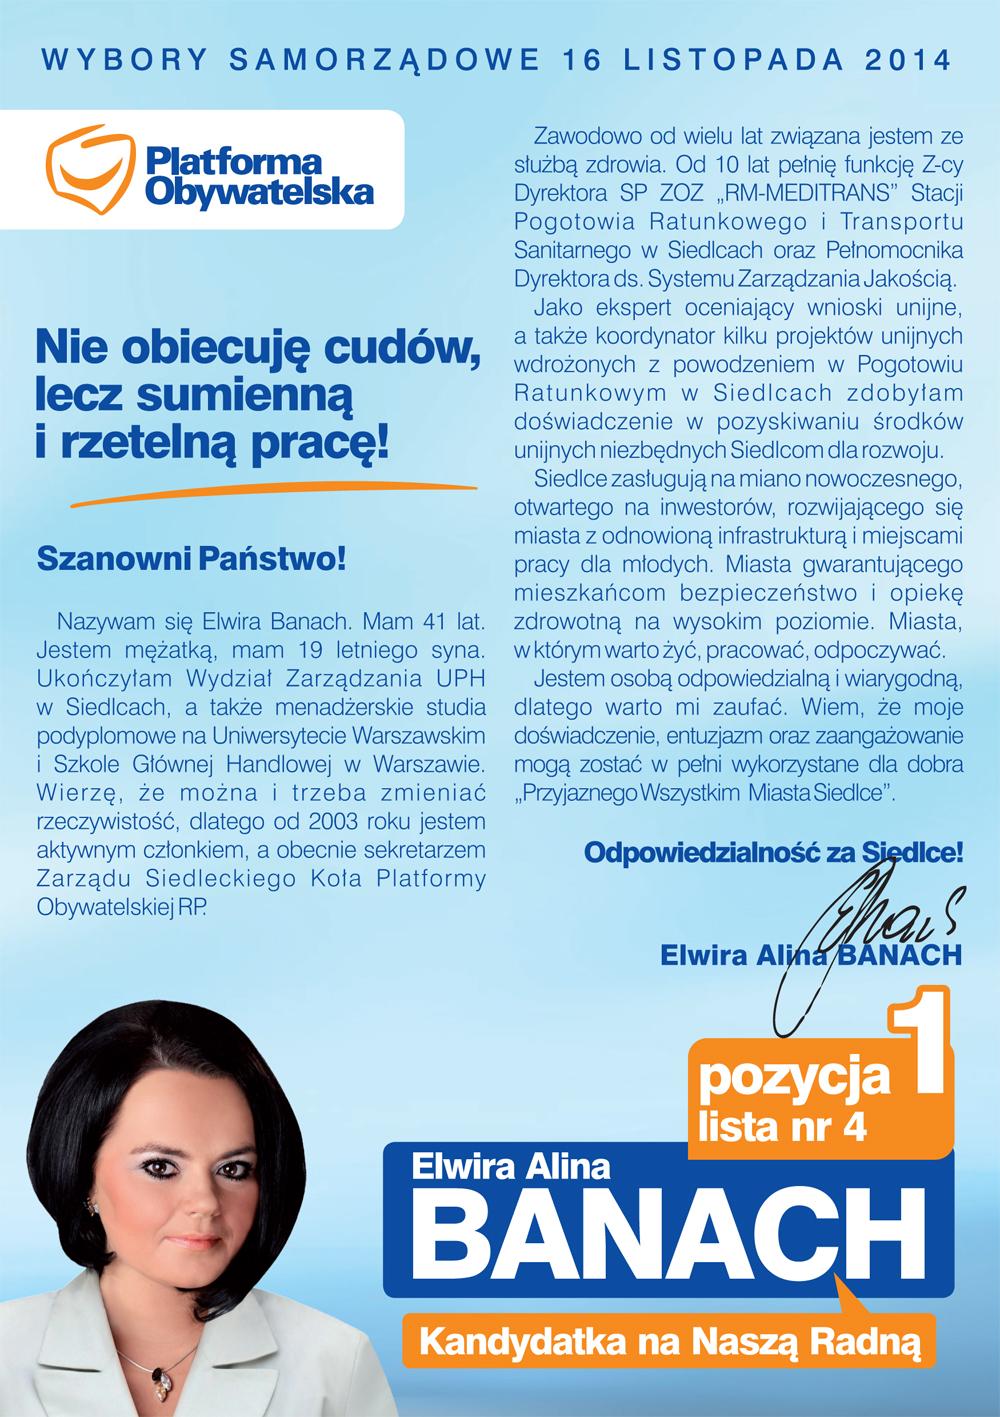 ELWIRA ALINA BANACH - ulotka ...